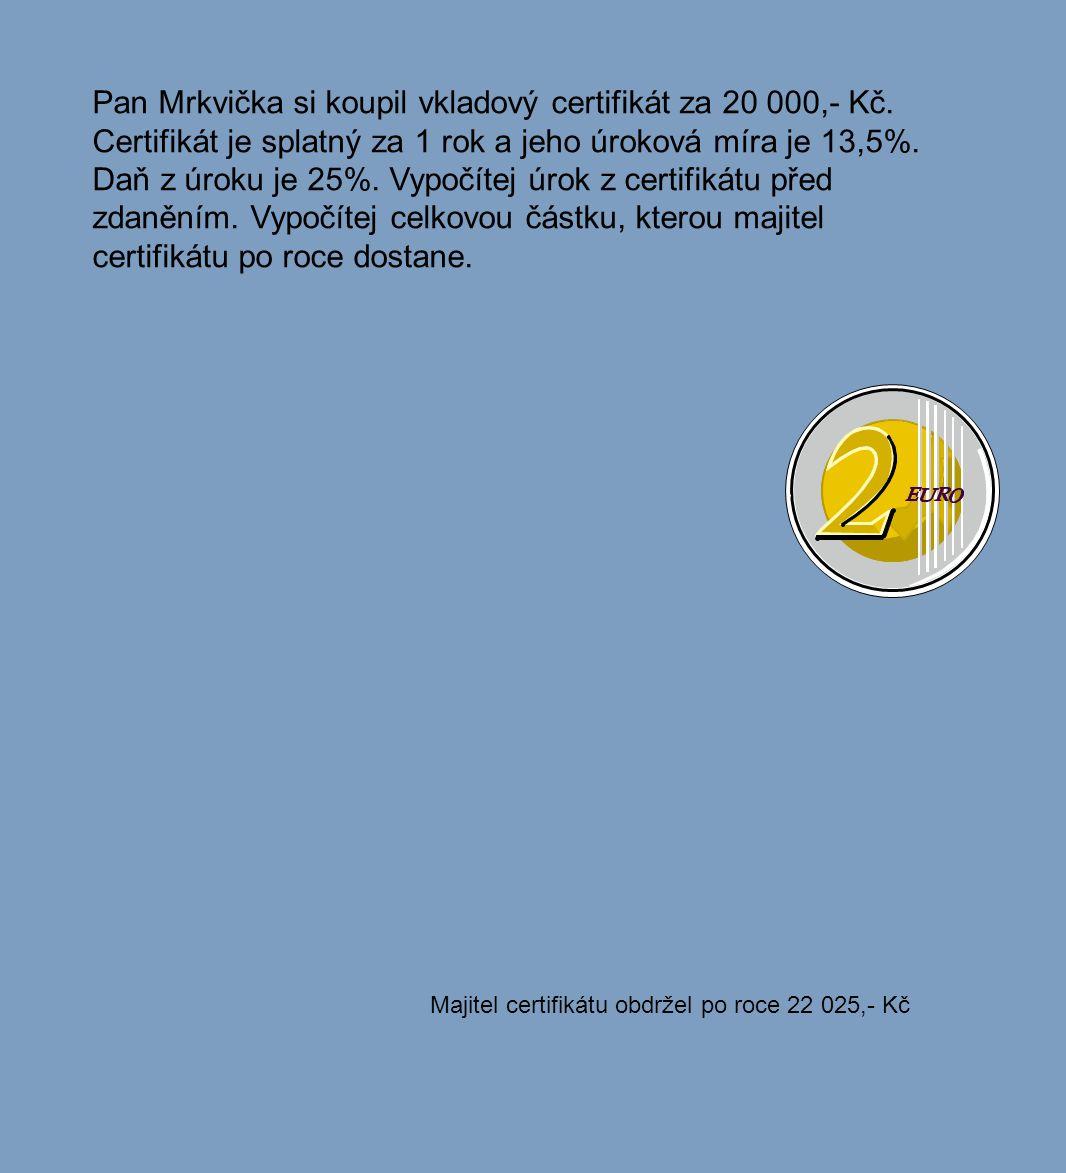 Majitel certifikátu obdržel po roce 22 025,- Kč